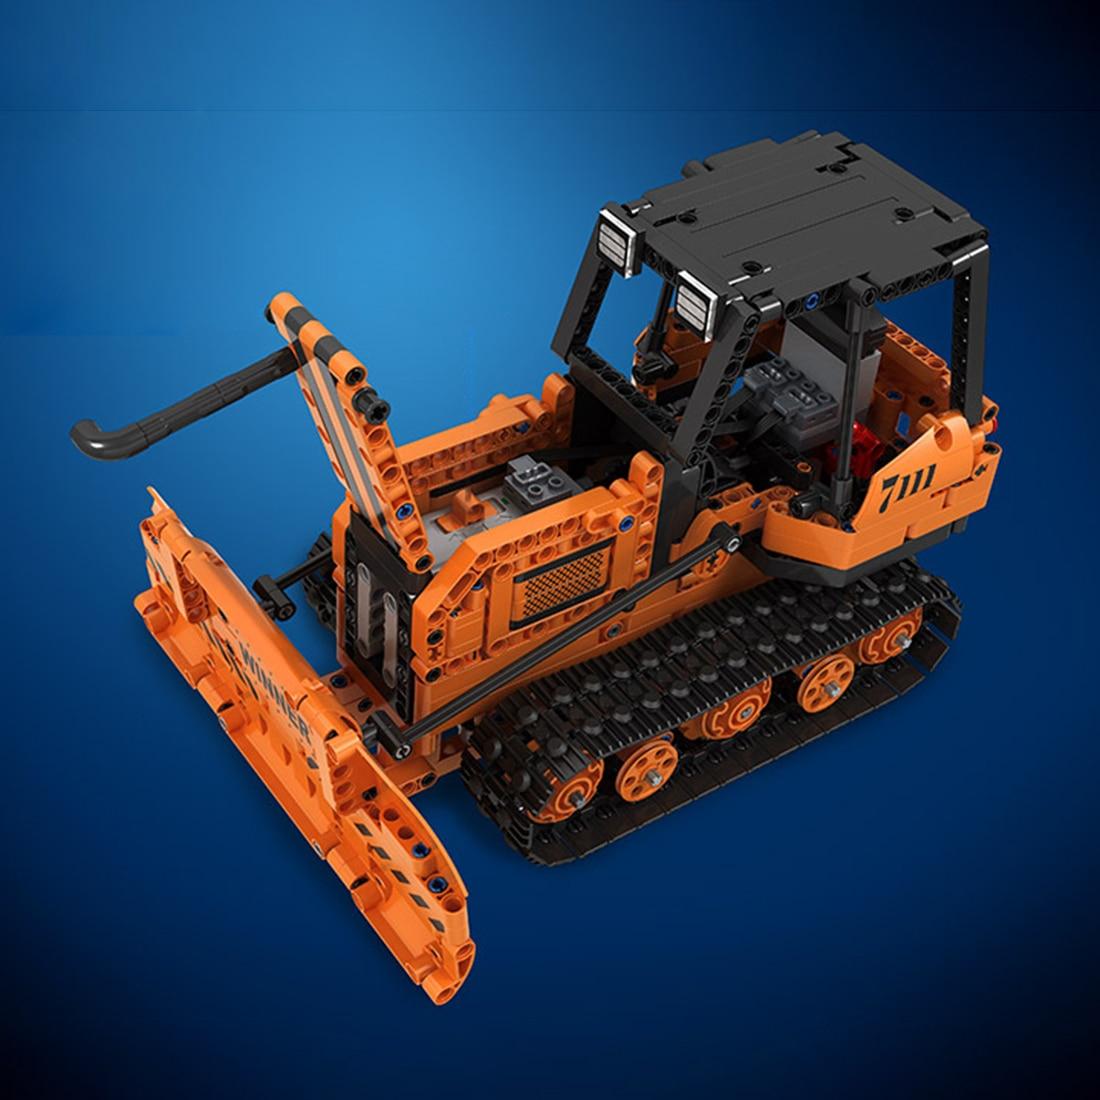 DIY Сборная модель Строительный набор 3D Сборка из нержавеющей стали съемные модели украшения головоломки Лось - 3